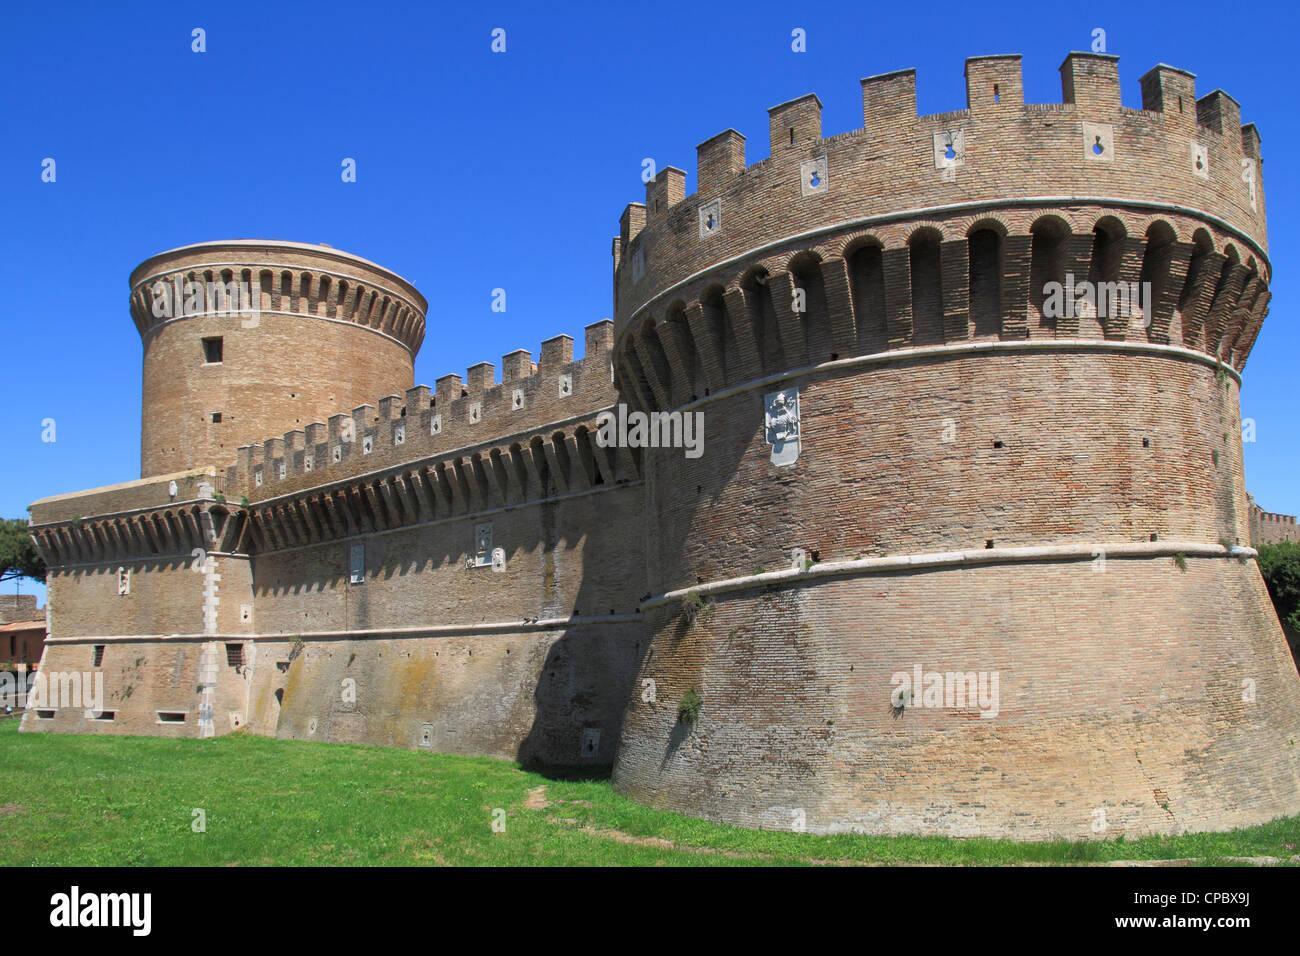 Italy Latium Ostia castle - Stock Image